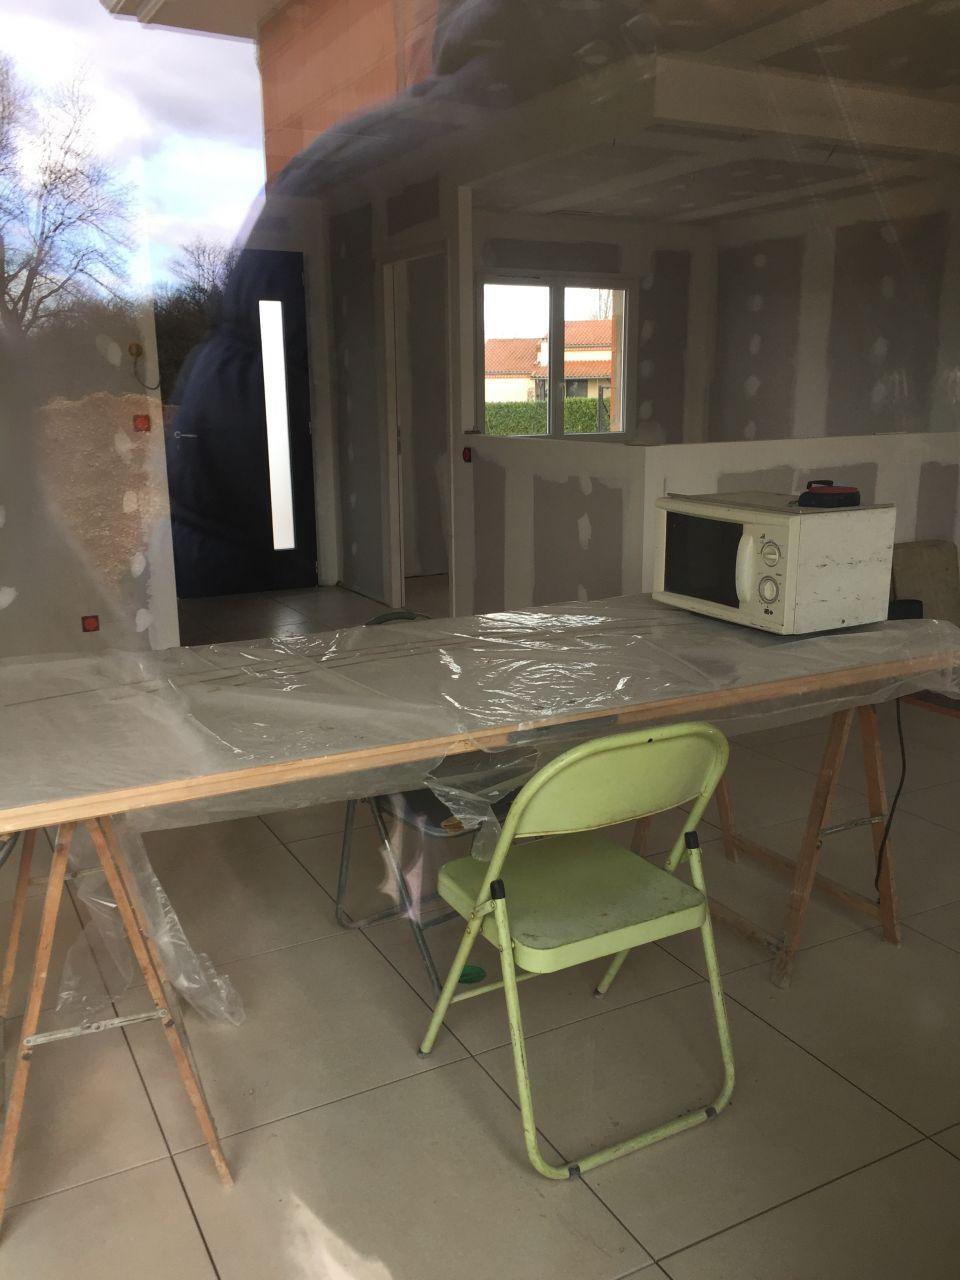 Grrrr... la porte gravée qui sert de table à manger !!!! Pas content du tout là! <br /> CDT averti !